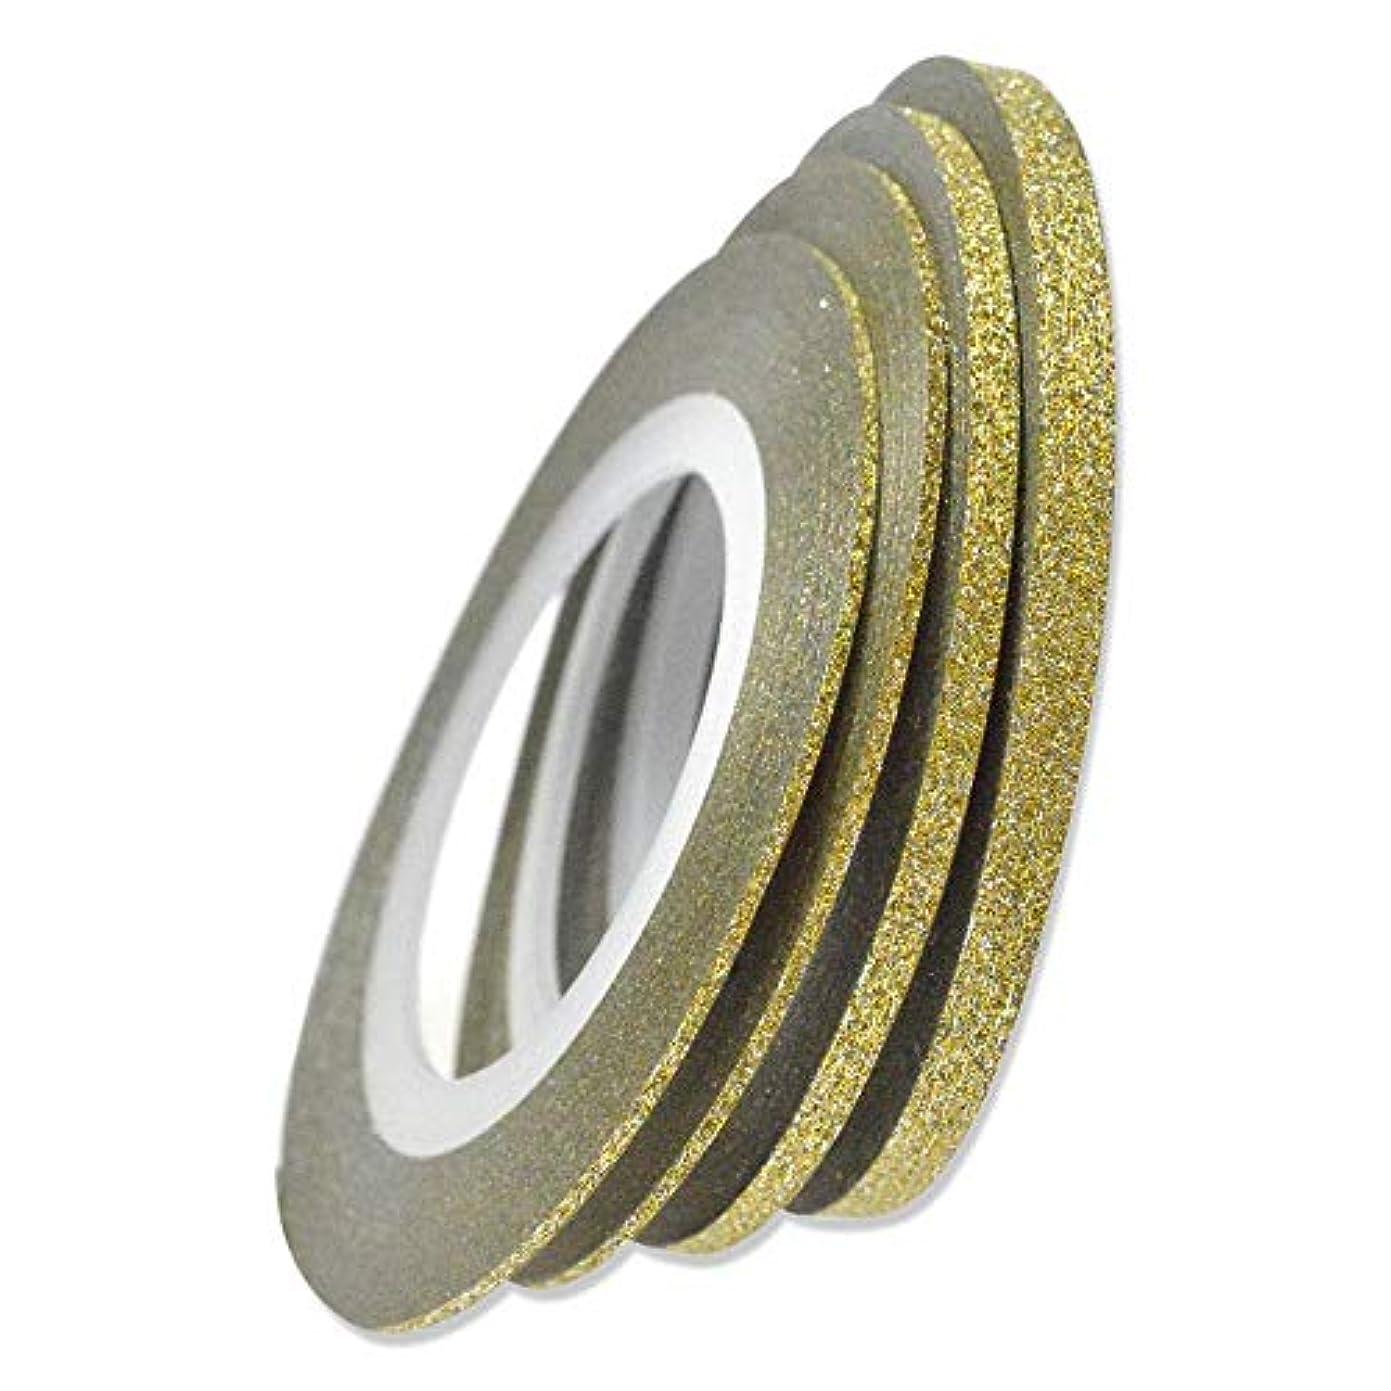 ベット発表安心SUKTI&XIAO ネイルステッカー 1ロールネイルアートキラキラストライピングテープラインレーザーシャイニングゴールド/シルバー1/2 / 3Mm新しいネイル転写箔ステッカー、3Mmゴールド